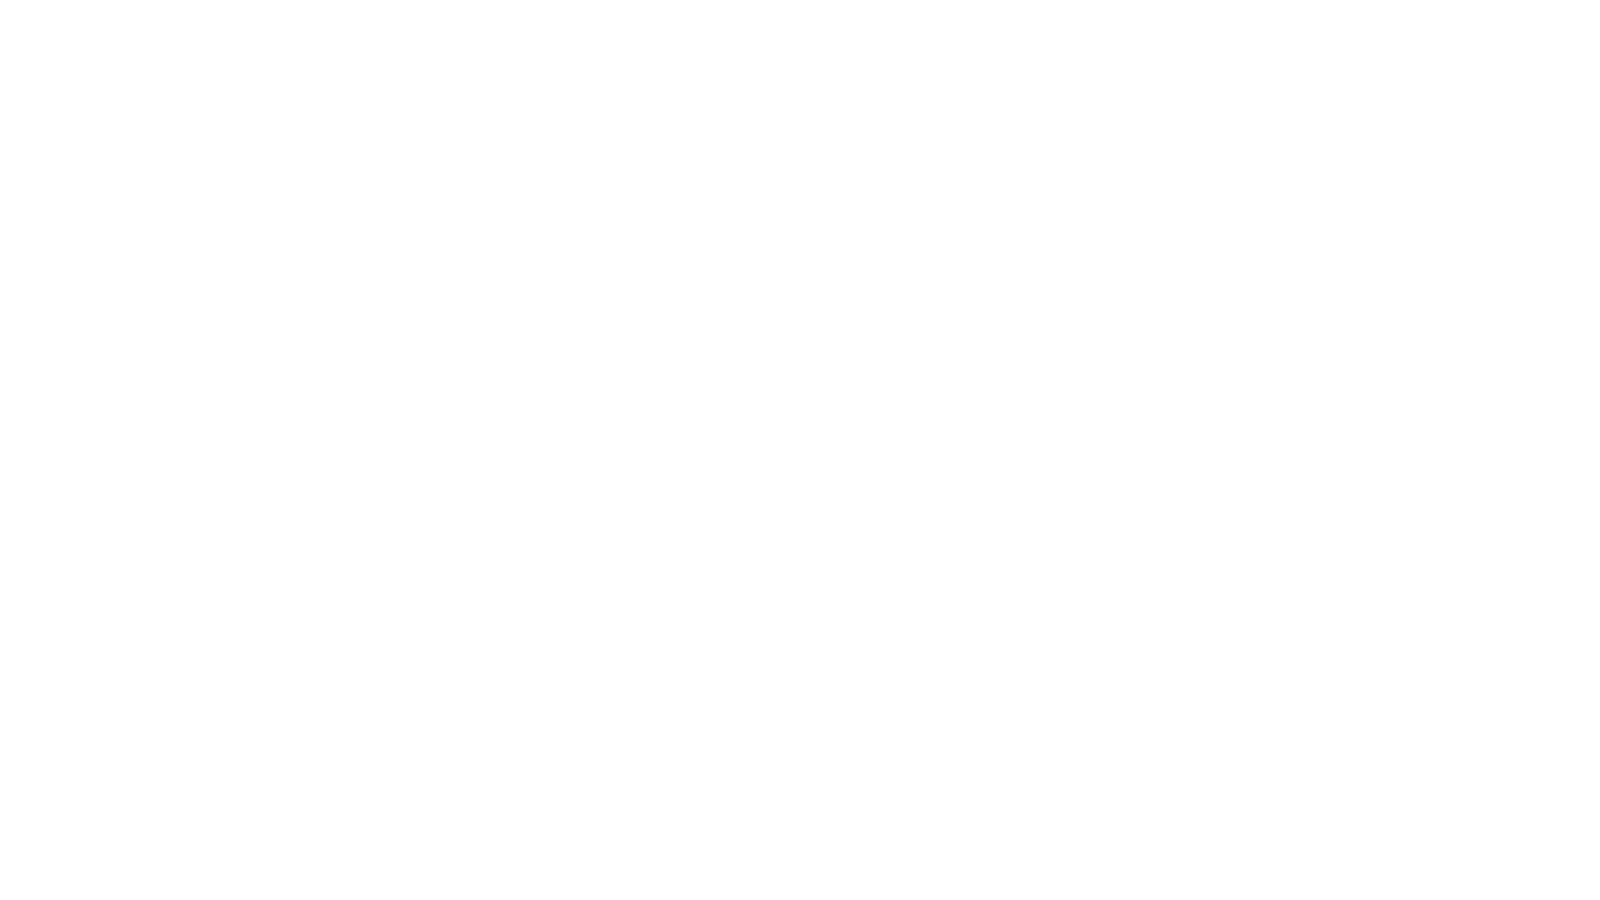 BỘ SẢN PHẨM ĐỘC QUYỀN VÀ ĐƯỢC PHÂN PHỐI BỞI CTY cổ phần Minh Khang Miền Nam Mọi thắc mắc chi tiết xin liên hệ HOTLINE: 0337 667 889 - 0359 943 078 Mọi người có thể tham khảo thêm nhiều sản phẩm khoan lấy mủ bằng khí mới nhất 2019 tại. http://khoanlaymubangkhi.com/  MÔ TẢ CHI TIẾT Sau hai năm khai thác mủ cao su bằng phương pháp khoan lấy mủ cao su bằng khí ethylene (C2H4) tại Bình Phước Việt Nam thì cây vẫn cho ra sản lượng tốt, và đều đặn, cây cao su sau khi áp khí ethylene vẫn sinh trưởng và phát triền bình thường Cây khai thác đúng phương pháp của công ty minh khang, sẽ được an toàn và hiệu quả trong công việc. Với kinh nghiệp dồi dào về phương pháp khoan lẩy mủ bằng khí, quý khách sẽ được tư vấn và lắp đặt an toàn và hiệu quả, chất lượng về sản phẩm và phương pháp lẩy mủ bằng khí chuyên nghiệp. #laymubangkhi #khoanlaymubangkhi #caomubangkhi #laymucaosubangkhi  LIÊN KẾT THÔNG TIN https://www.facebook.com/khoanlaymuba... https://www.youtube.com/channel/UChTN... http://khoanlaymubangkhi.com/ ZALO: 0337667889 HOTLINE KHOAN LẤY MỦ BẰNG KHÍ ETHYLENE